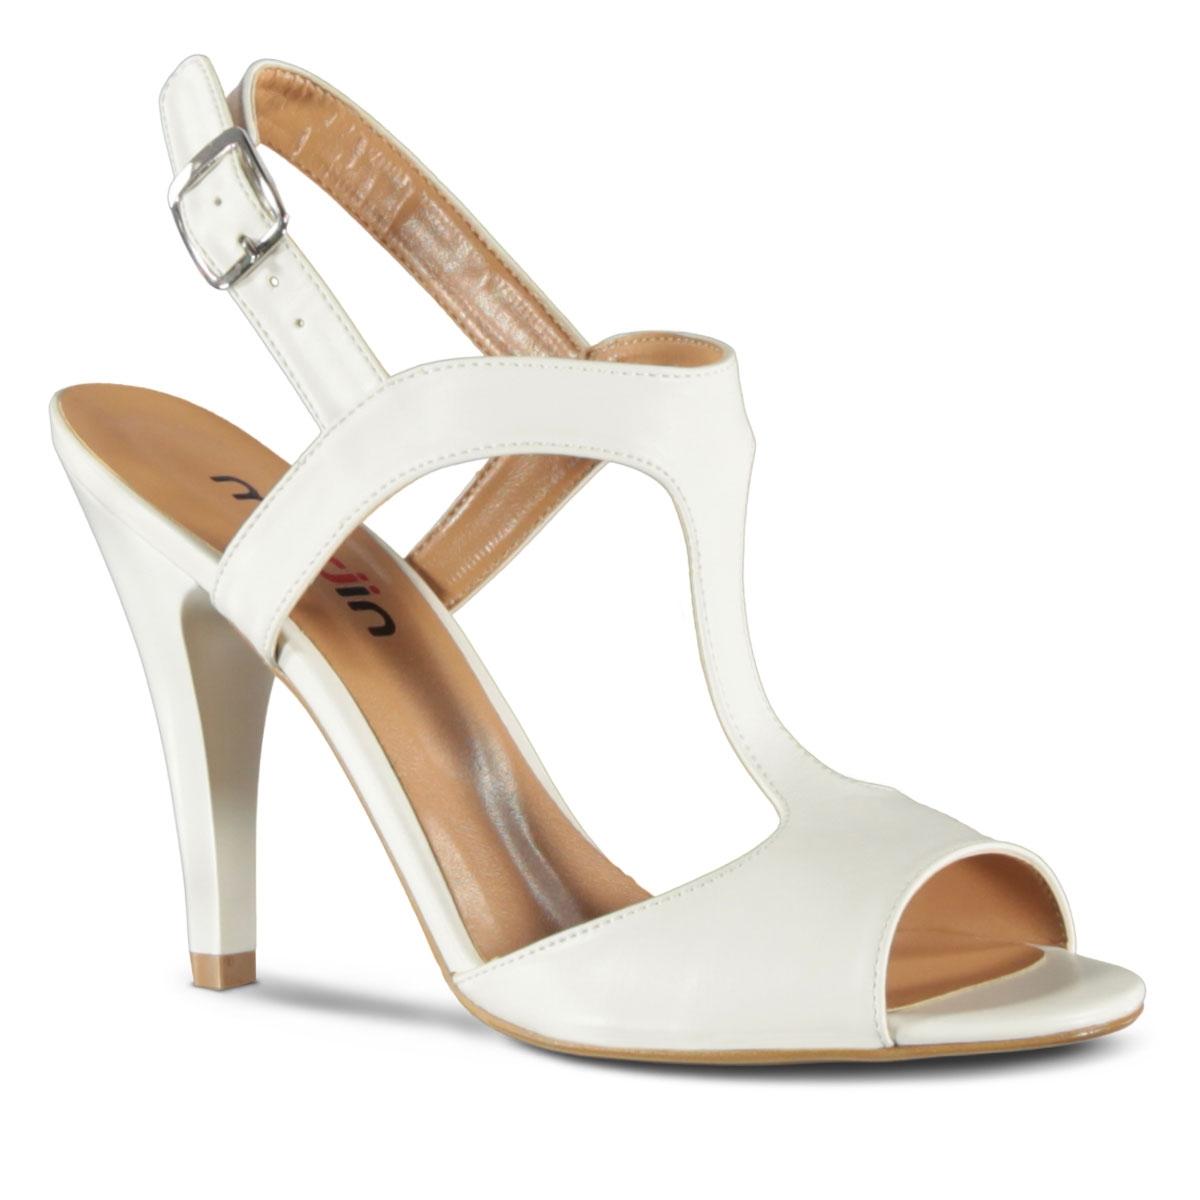 beyaz-topuklu-gelin-ayakkabi-modelleri-8